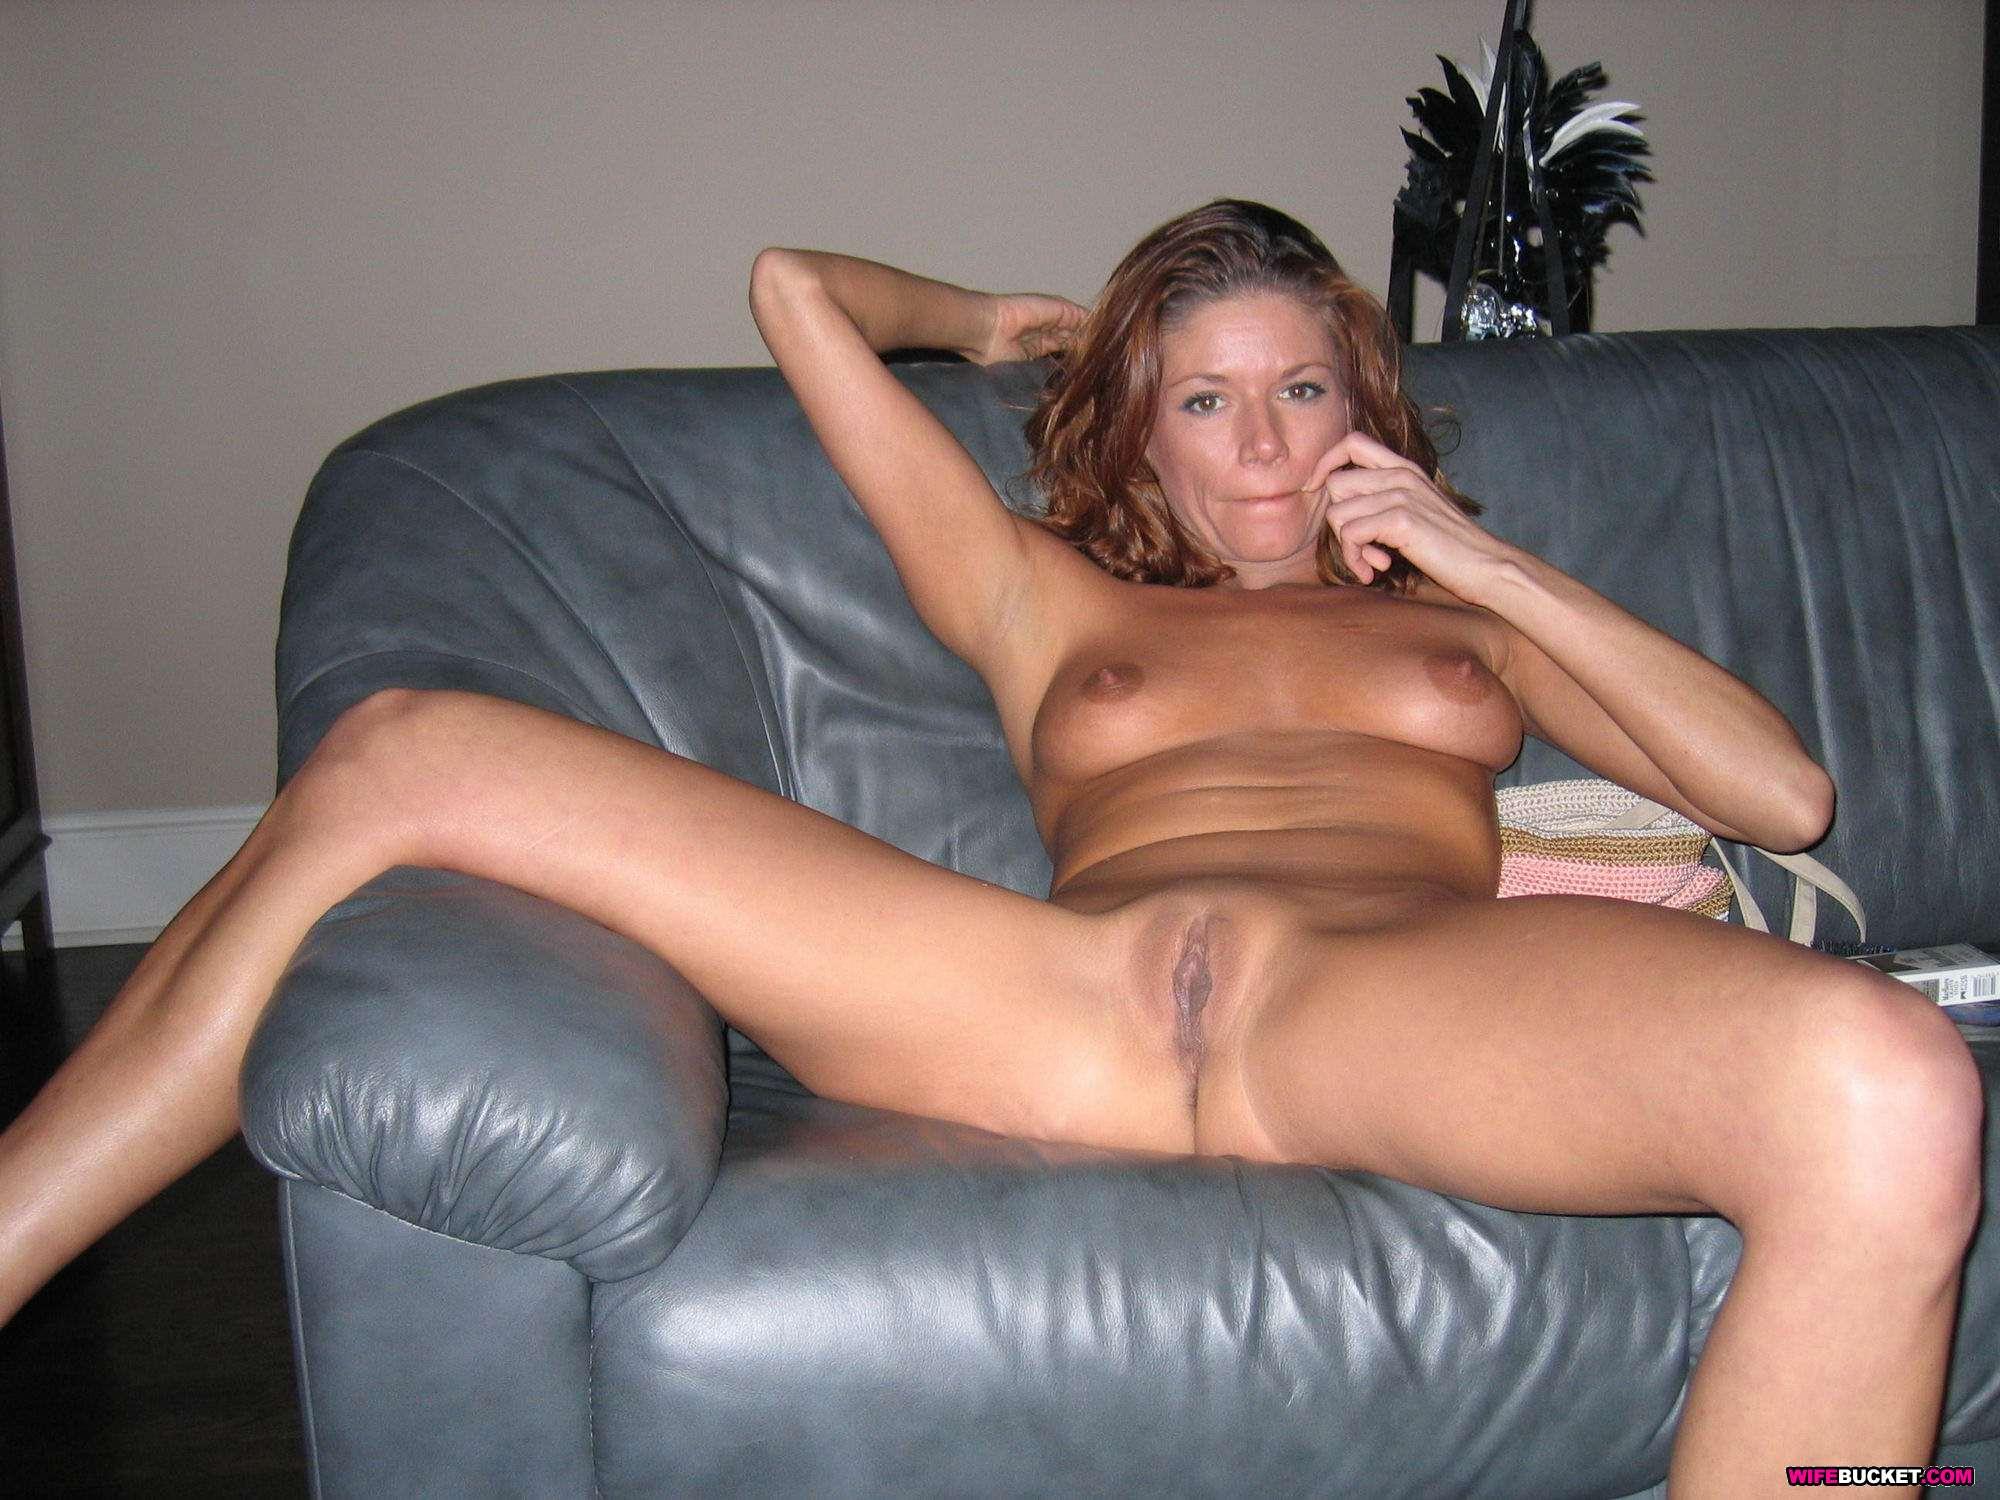 порно фото самых красивы молодох девушех планеты